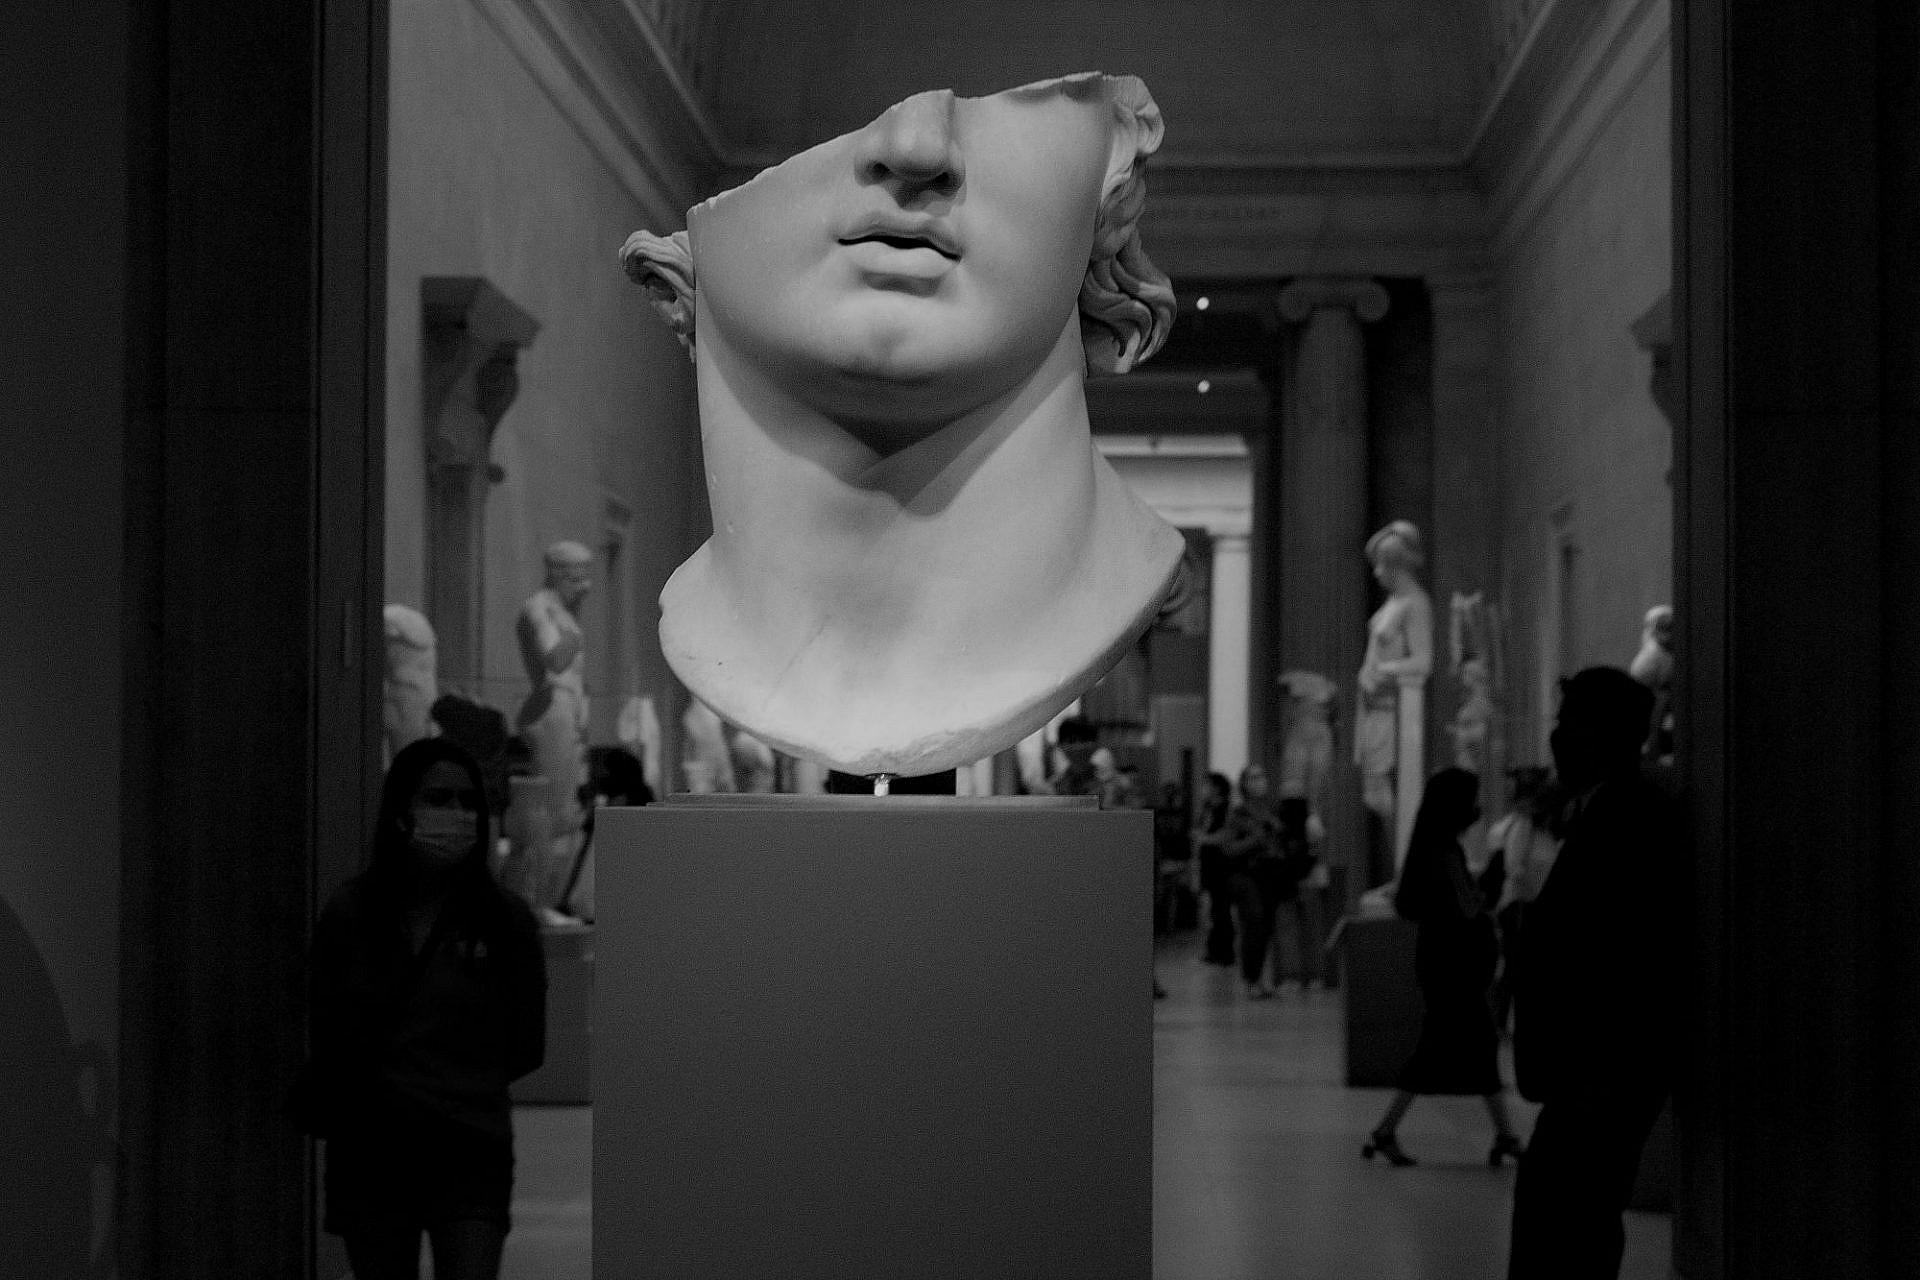 הלב רוצה אמנות. מוזיאון המטרופוליטן בניו יורק עם פתיחתו מחדש בסוף אוגוסט (צילום: גטי אימג'ס)